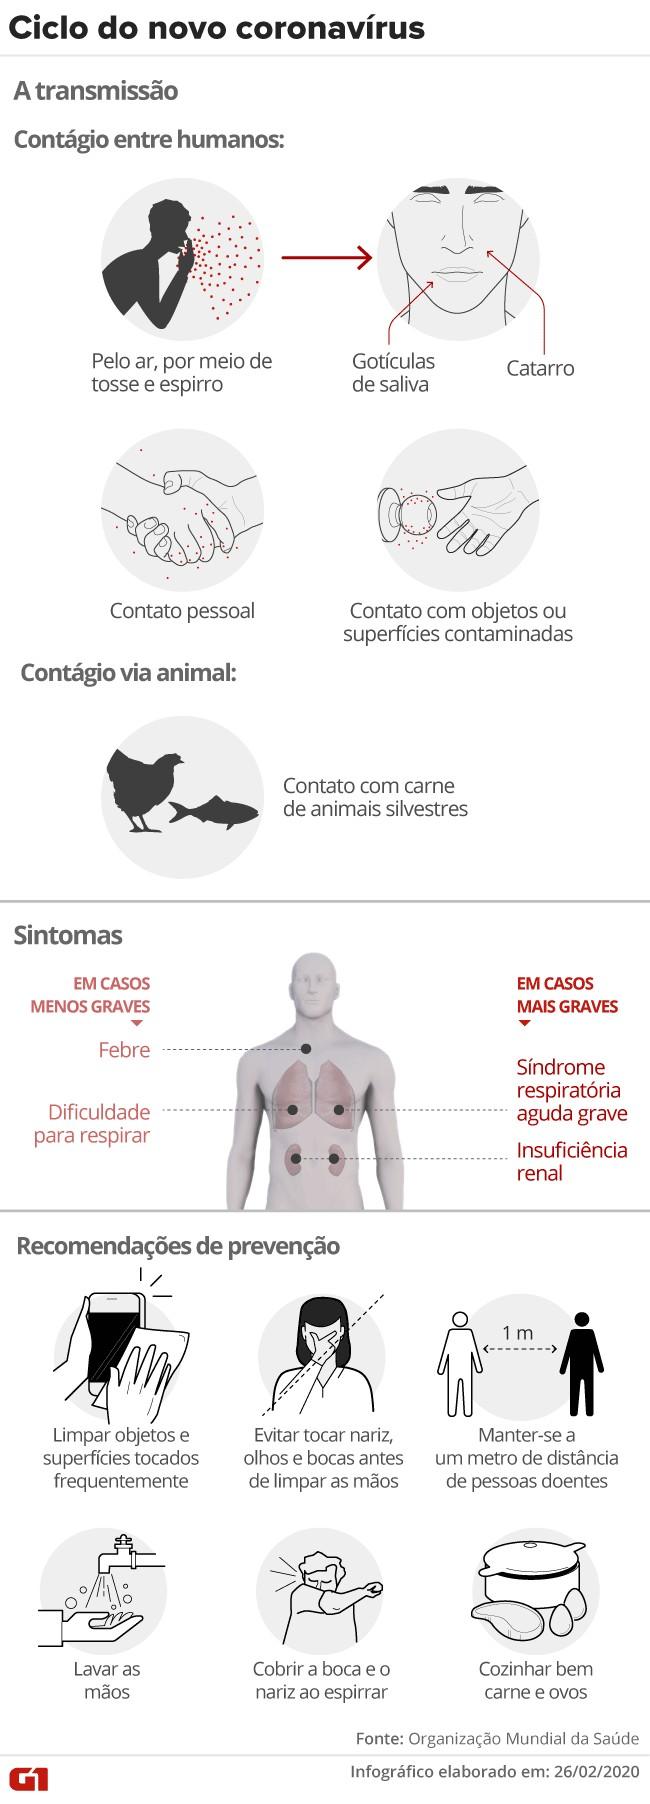 Secretaria da Saúde monitora 30 pessoas que tiveram contato com 1º caso de contaminação por coronavírus no país